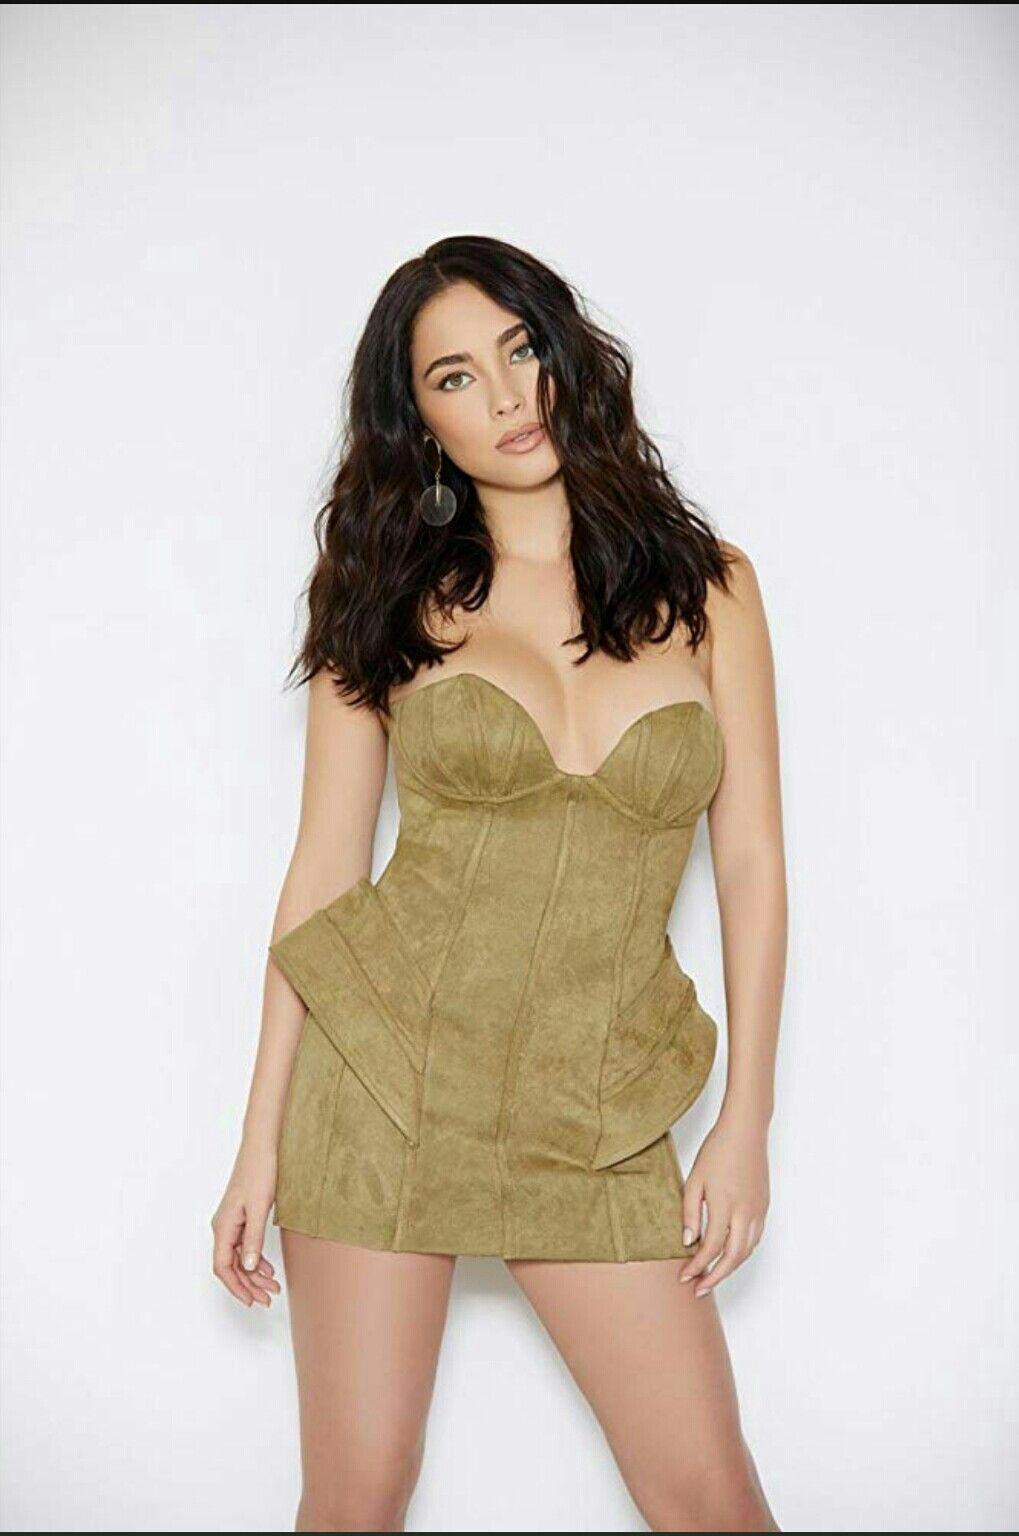 Nude video celebs » Priscilla Quintana sexy - Pandora